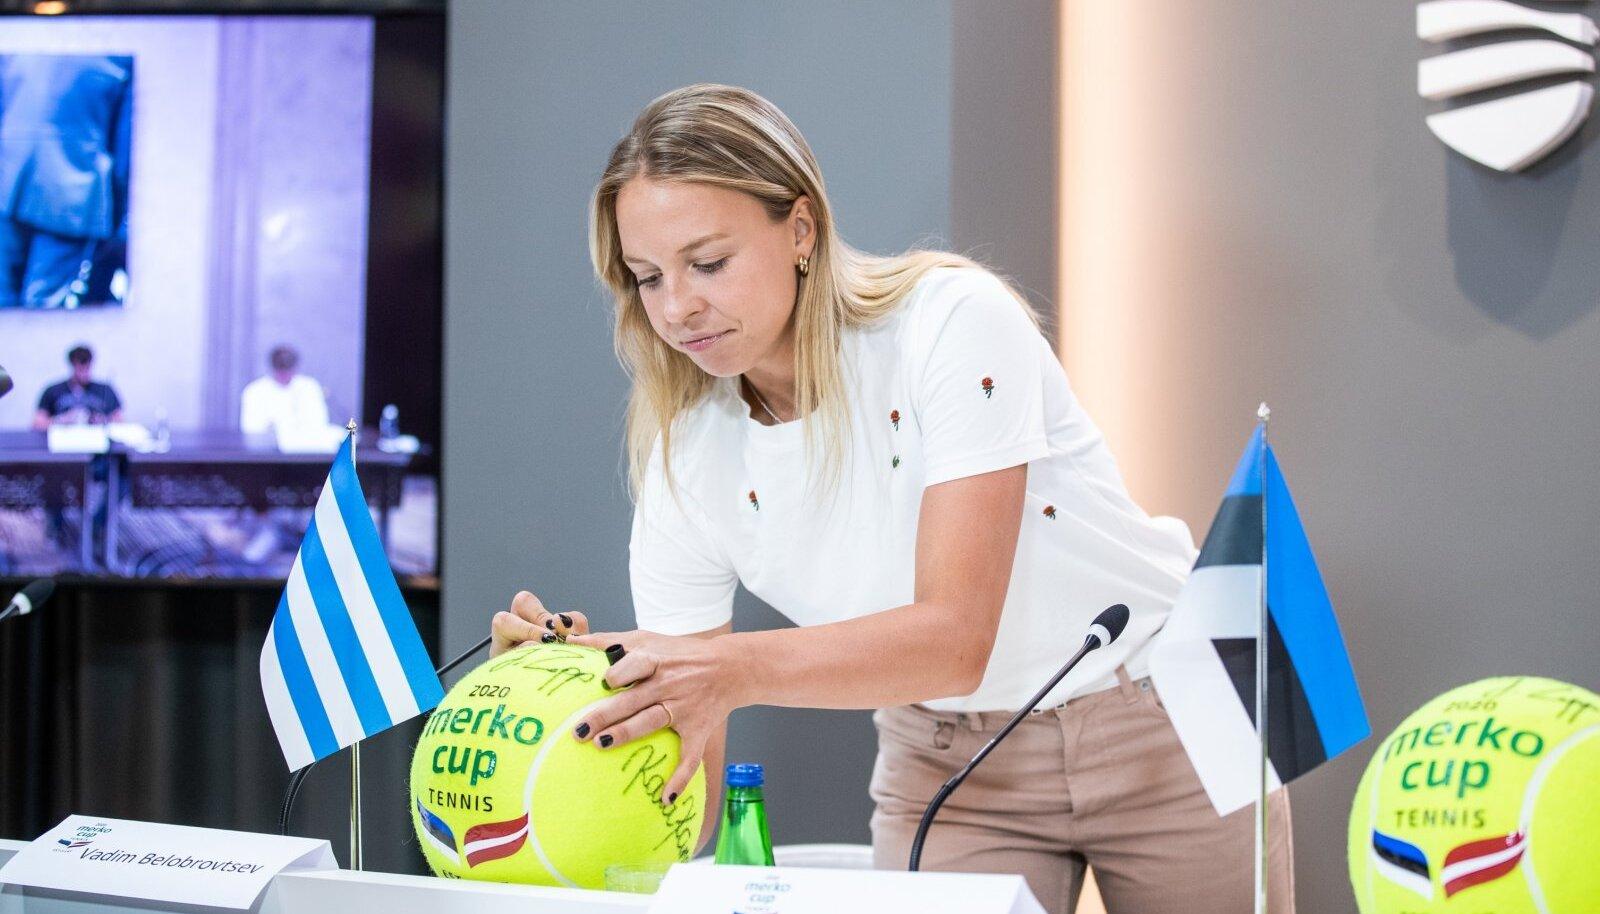 Möödunud suvel peeti Tallinnas Eesti-Läti maavõistlus Merko Cupi nime all. Tuntud ehitusfirma enam Eesti tennist ei toeta.